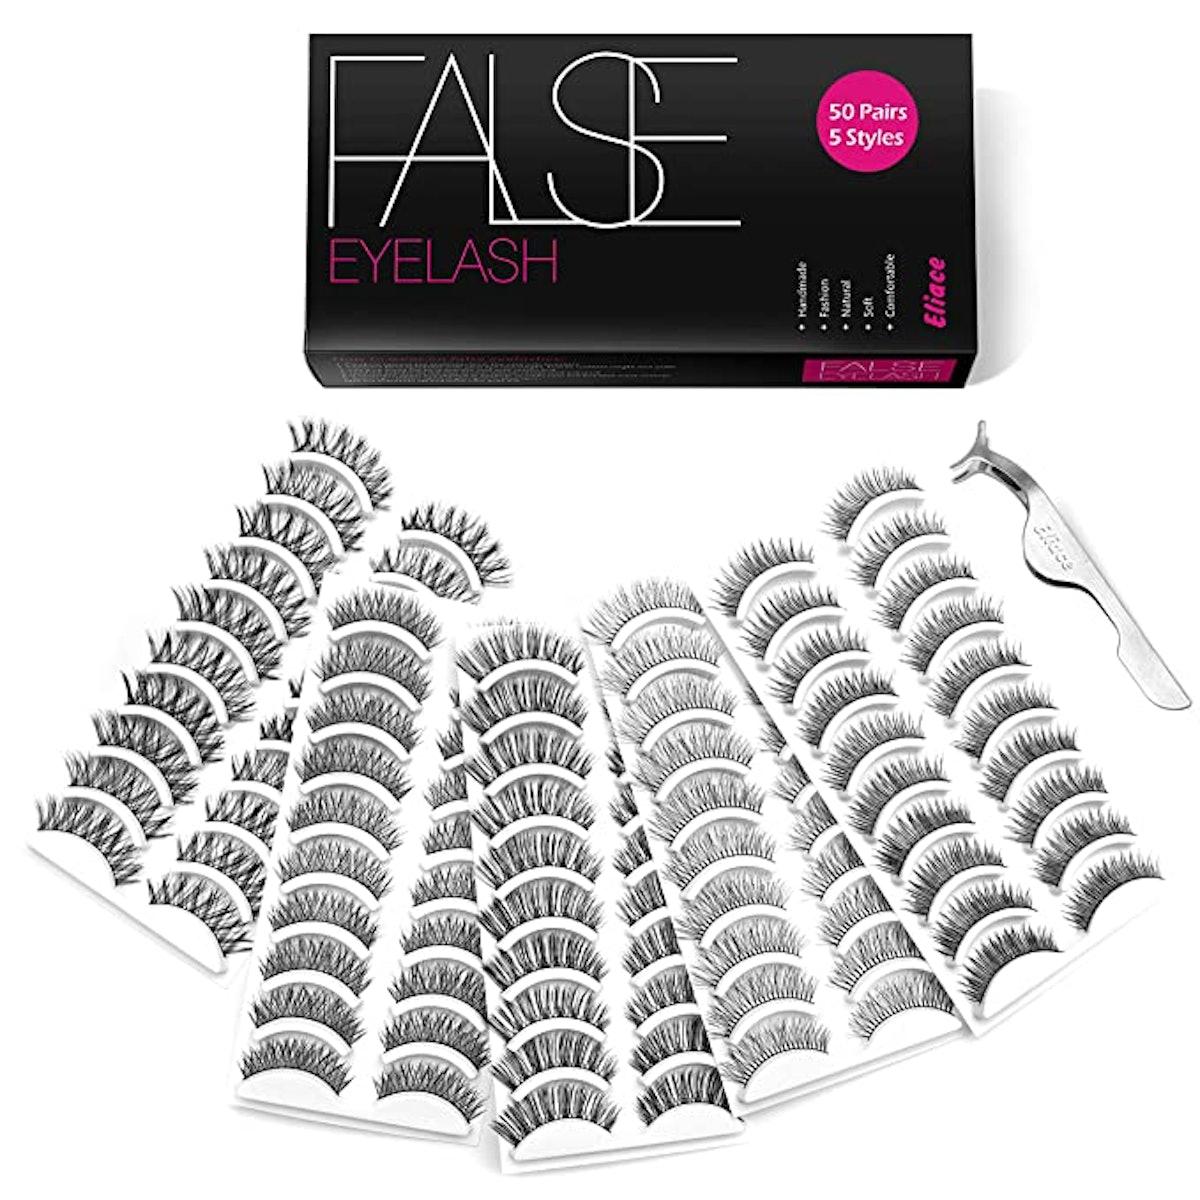 Eliace False Eyelashes Pack (50 Pairs)